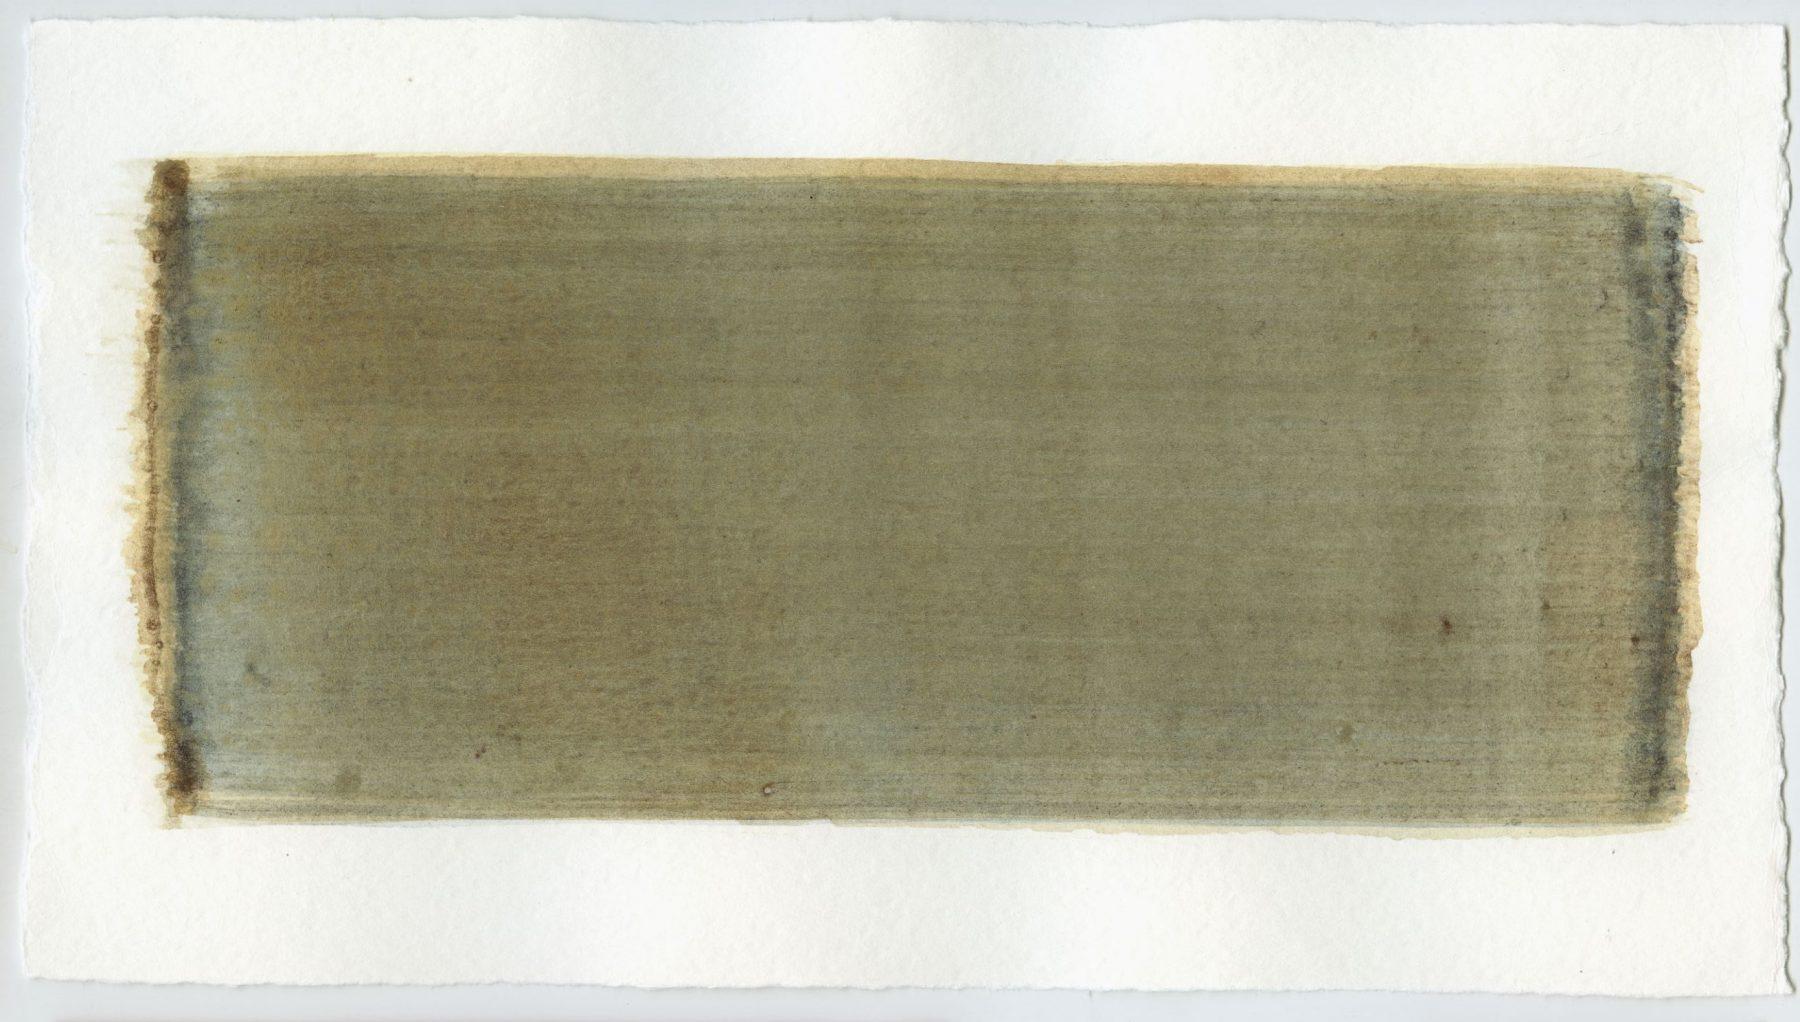 Brush stroke no. 73 - Pigment: Vivianiet (from Kremer Pigmente) Selfmade pigment: IJzeroer, Perekker grijs